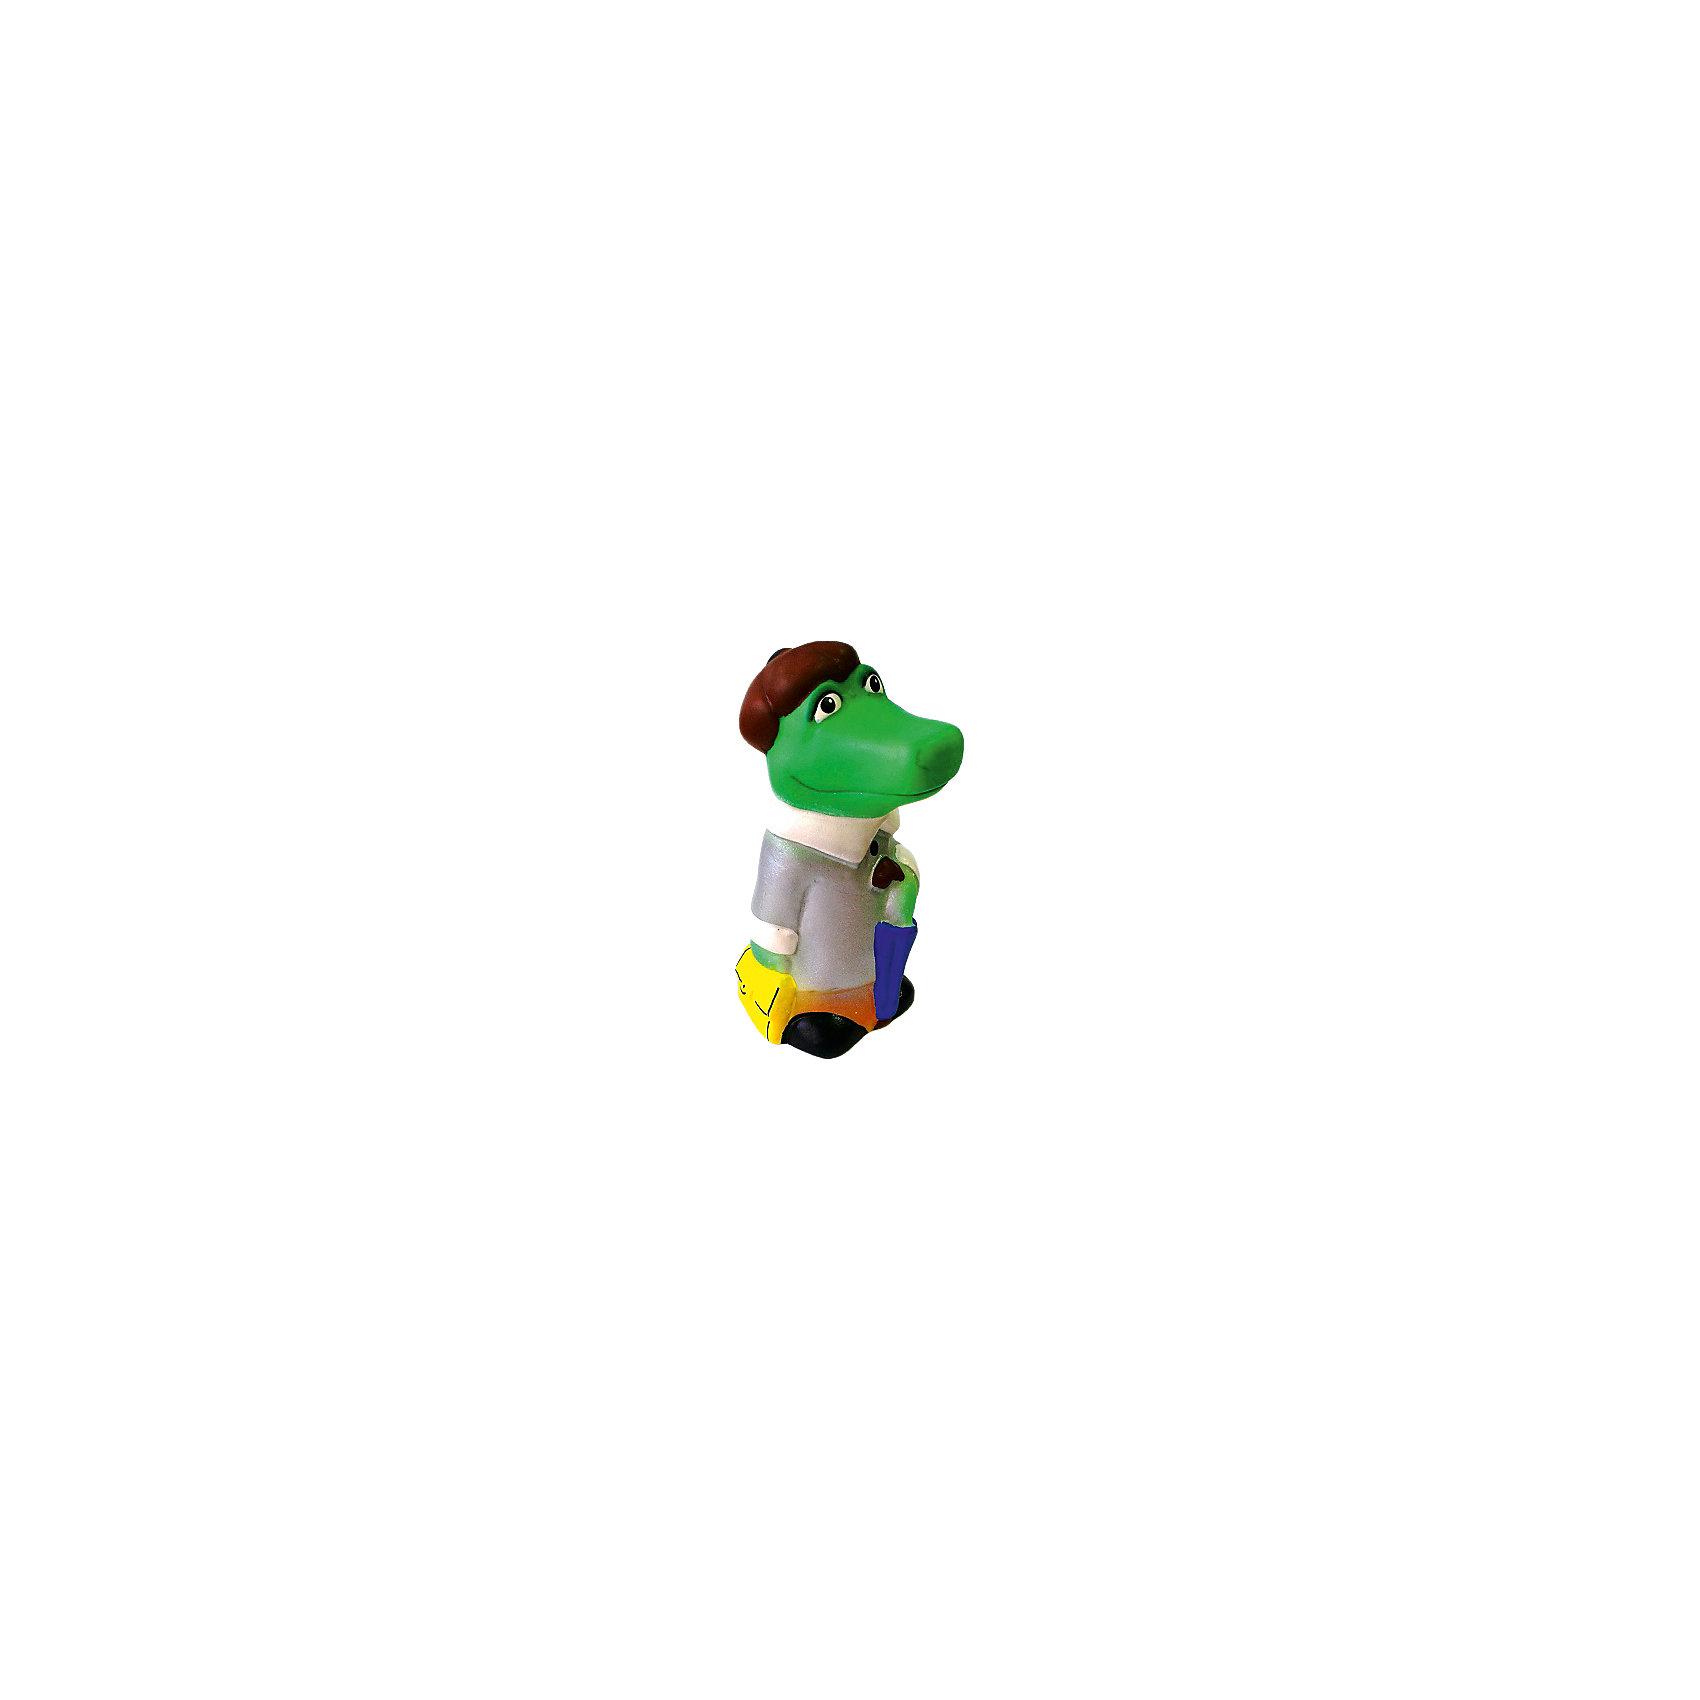 Крокодил с зонтом, КудесникиИгрушки для ванной<br>Крокодил с зонтом, Кудесники.<br><br>Характеристики:<br><br>• Материал: ПВХ.<br>• Размер: 14 см.<br>• Вес: 76г.<br> <br>Отличная игрушка из мягкого ПВХ надолго займет внимания вашего малыша. Эта игрушка поможет малышу при прорезывании зубов, поможет развивать моторику рук, знакомить с формой, цветом, образами также с ней можно забавно поиграть в ванной. Яркий образ поможет ребенку придумывать различные сюжетно-ролевые игры.<br><br>Крокодила с зонтом, Кудесники, можно купить внашем интернет – магазине.<br><br>Ширина мм: 30<br>Глубина мм: 50<br>Высота мм: 130<br>Вес г: 86<br>Возраст от месяцев: 12<br>Возраст до месяцев: 36<br>Пол: Унисекс<br>Возраст: Детский<br>SKU: 4896446